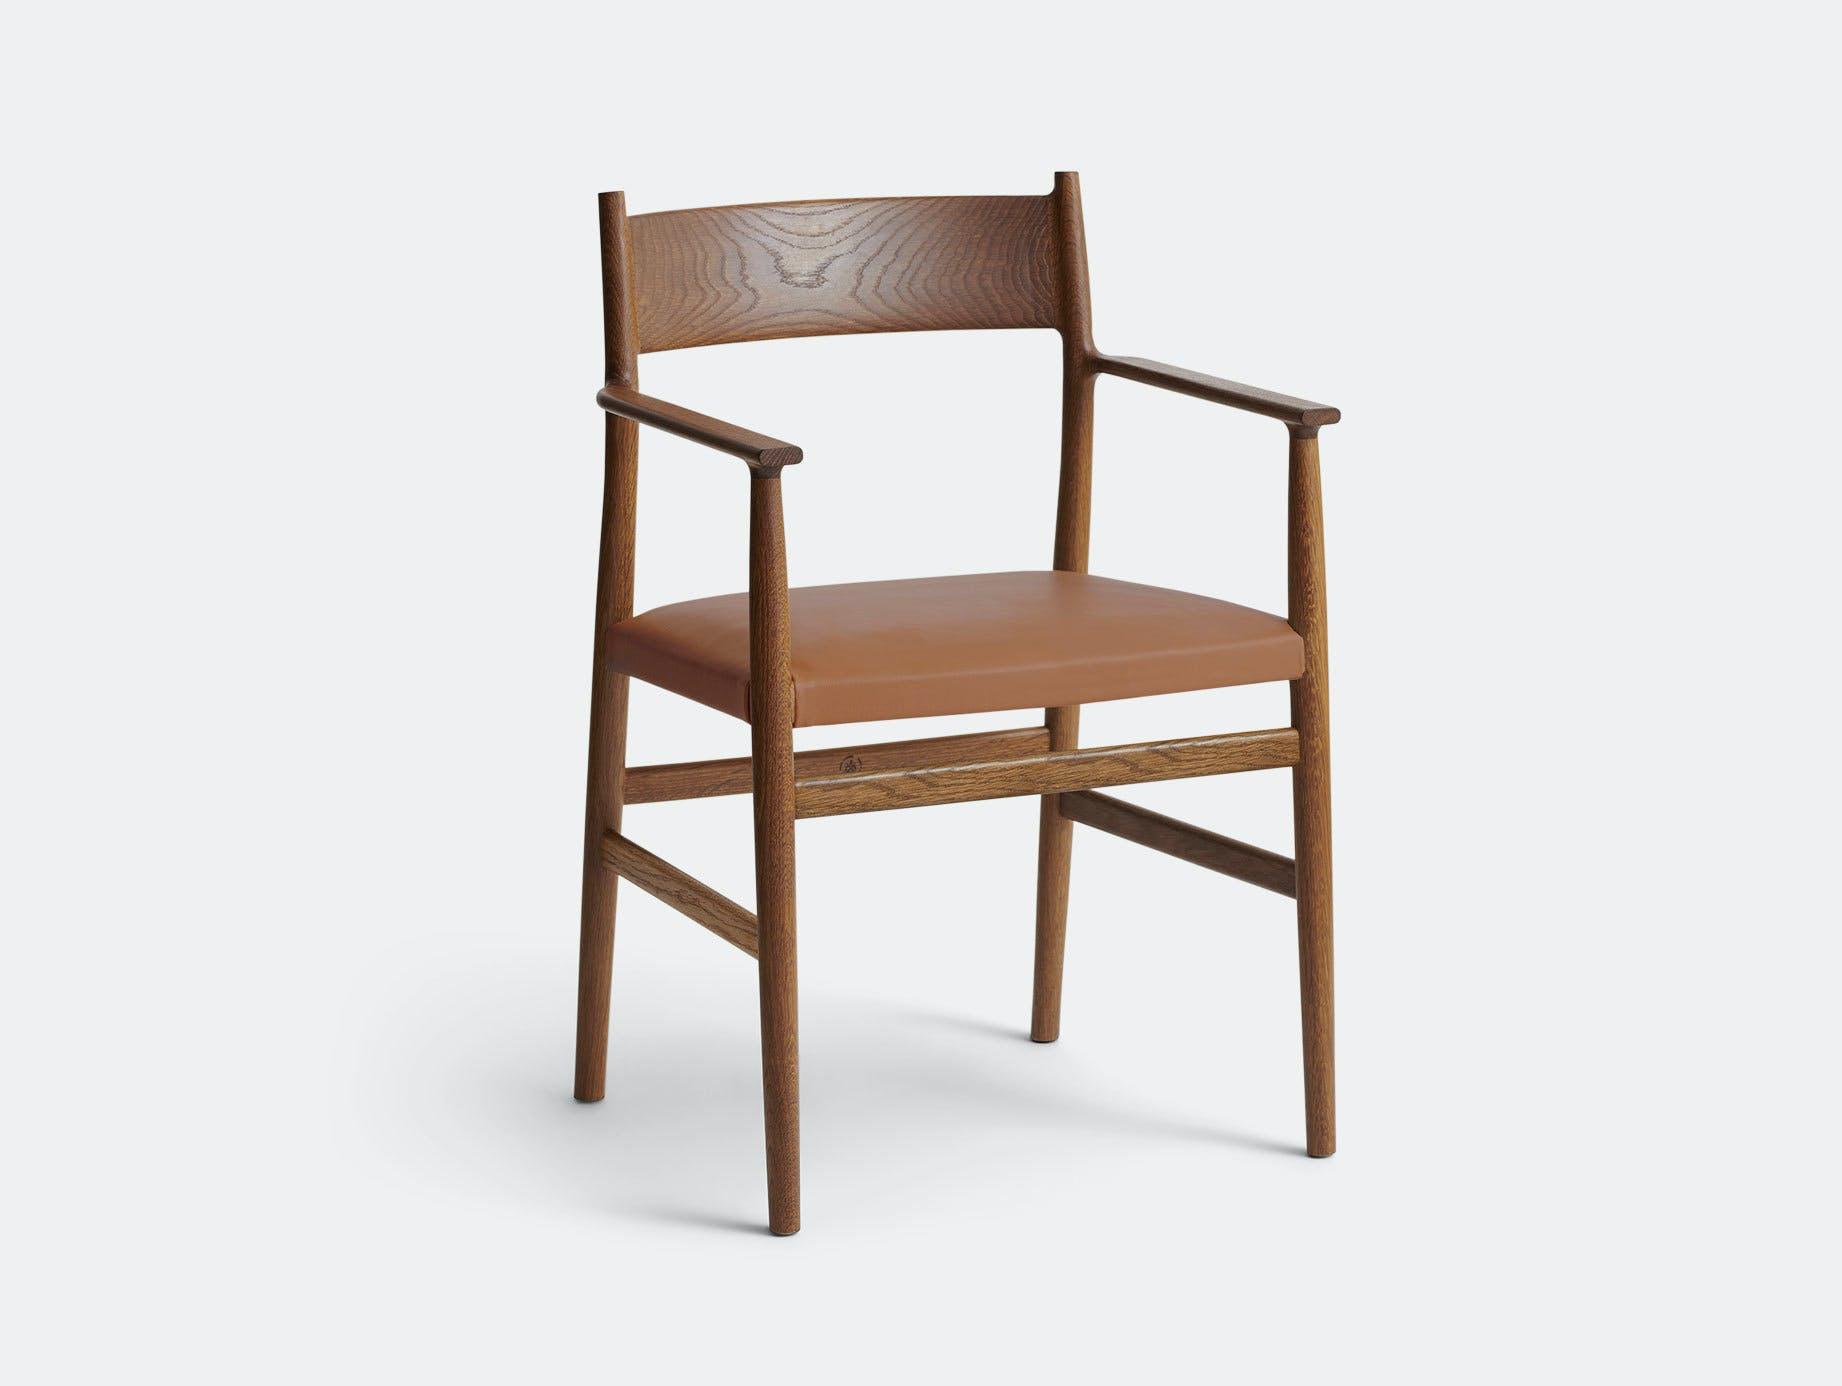 Brdr Kruger ARV Armchair Upholstered Fumed Oak Savanne Cognac Studio David Thulstrup